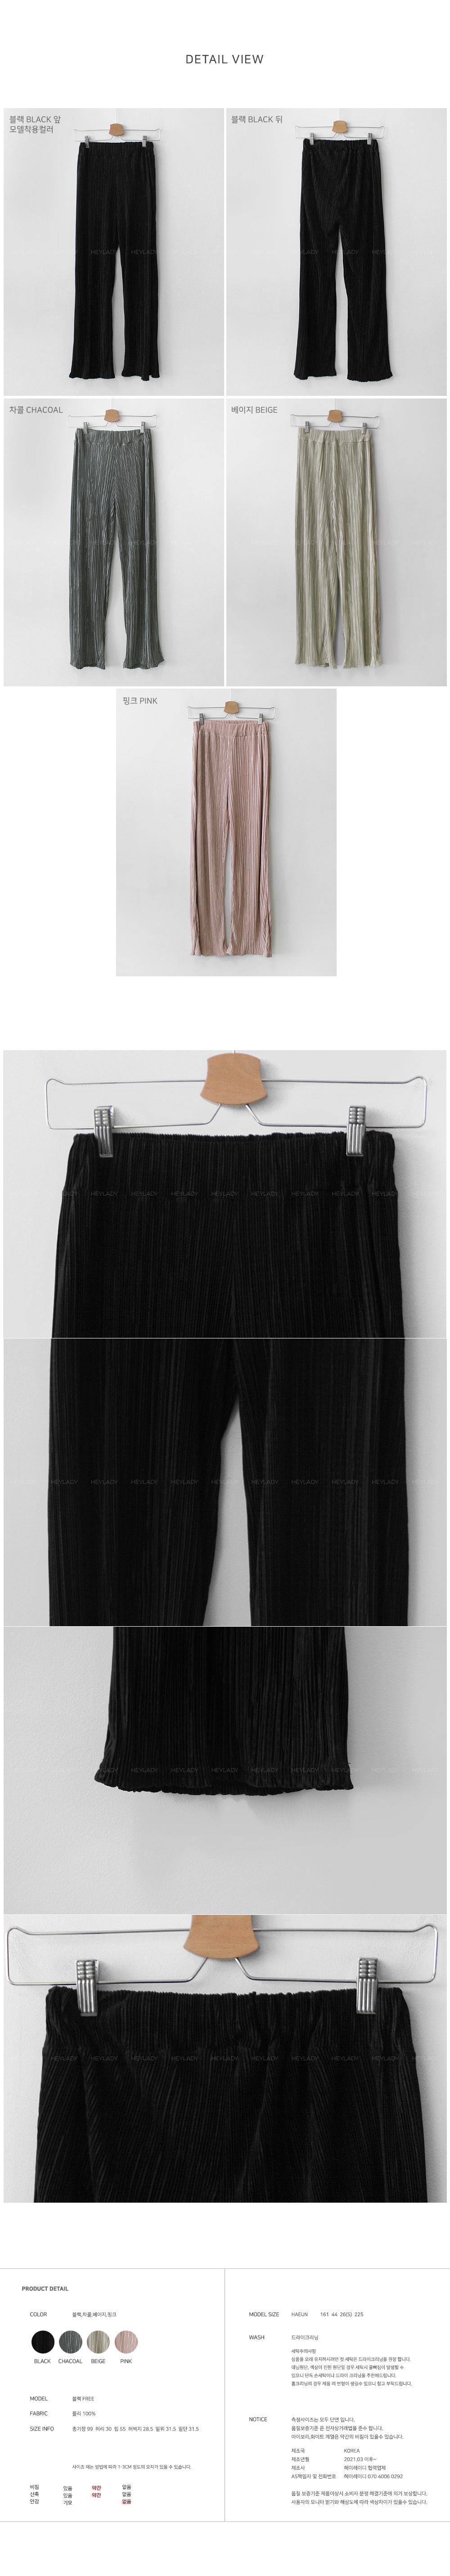 Dazen pleated banding pants